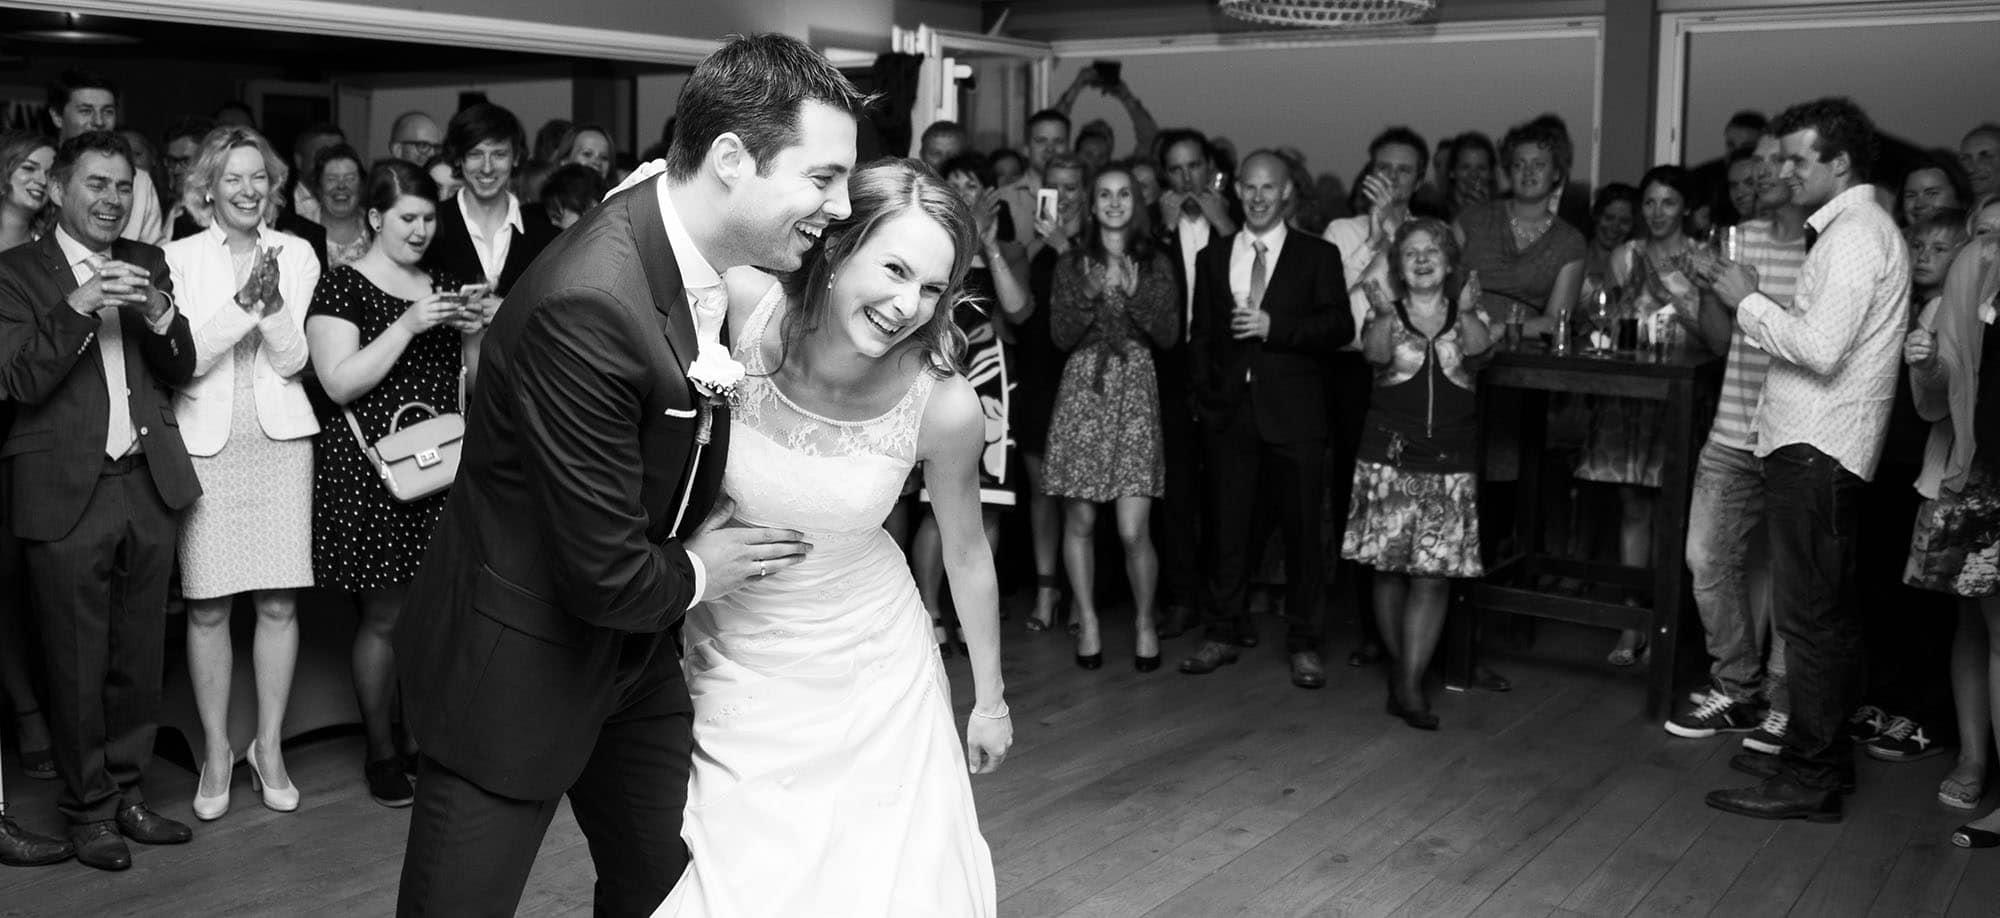 Bruiloftfotograaf feest denbosch